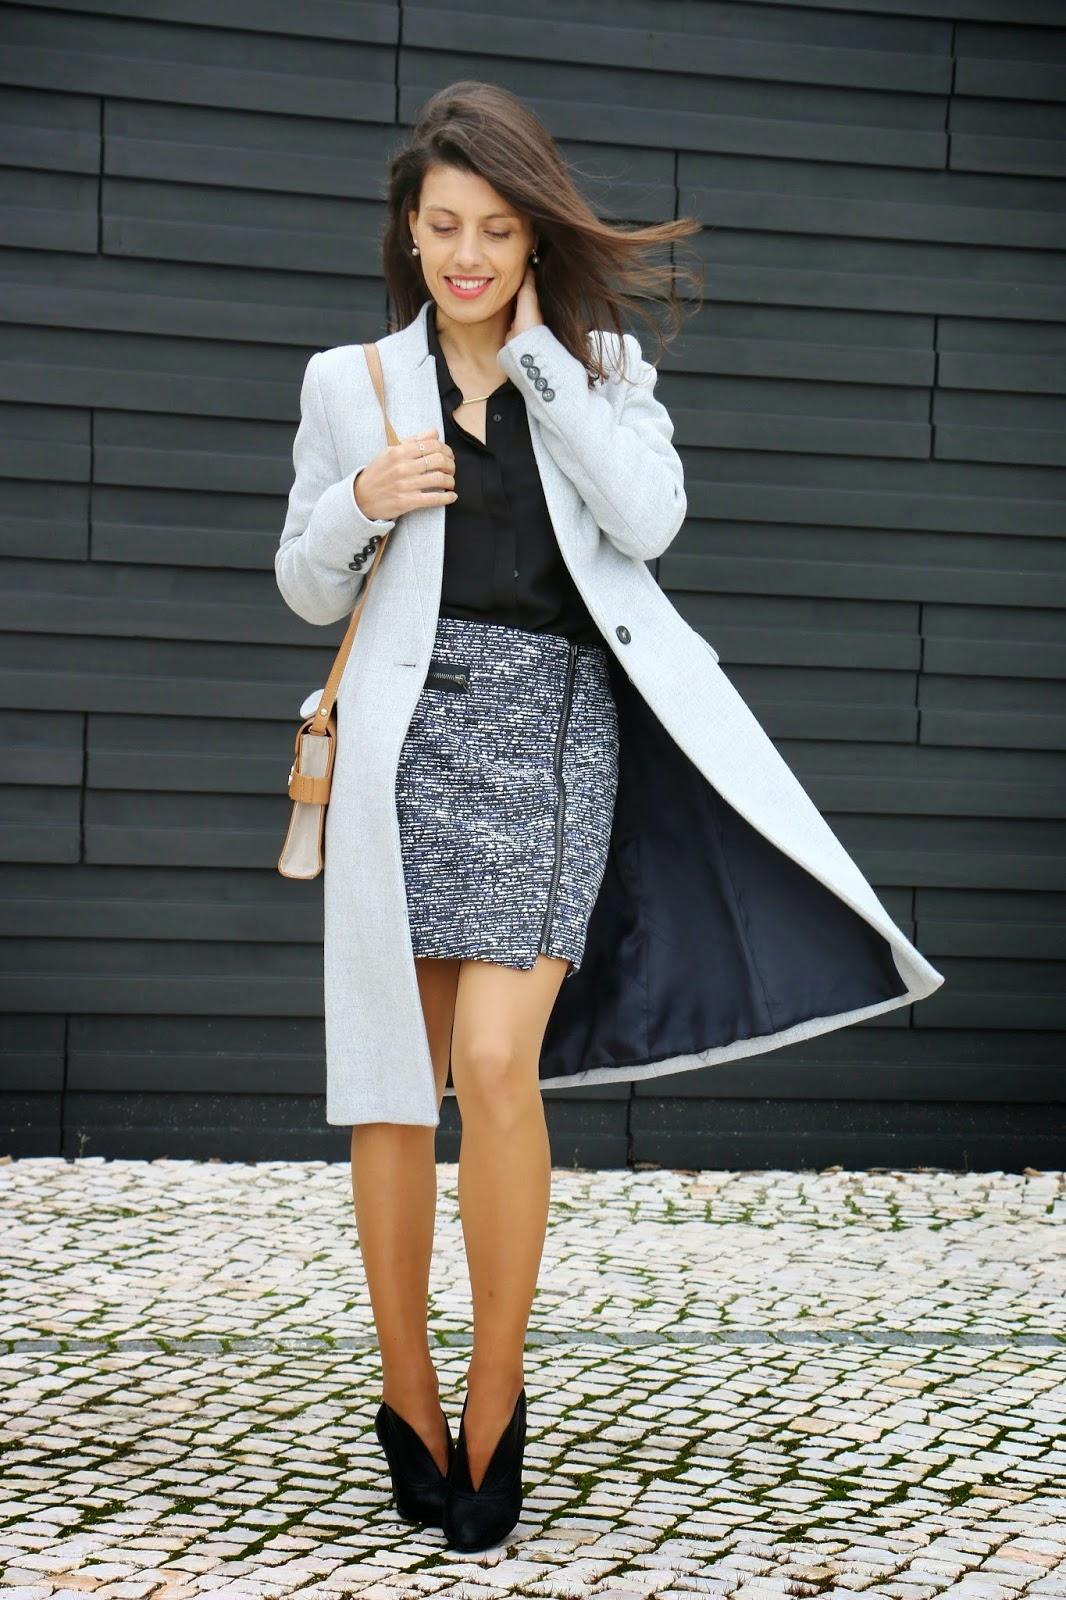 http://ilovefitametrica.blogspot.pt/2014/12/tweeeeed-skirt.html